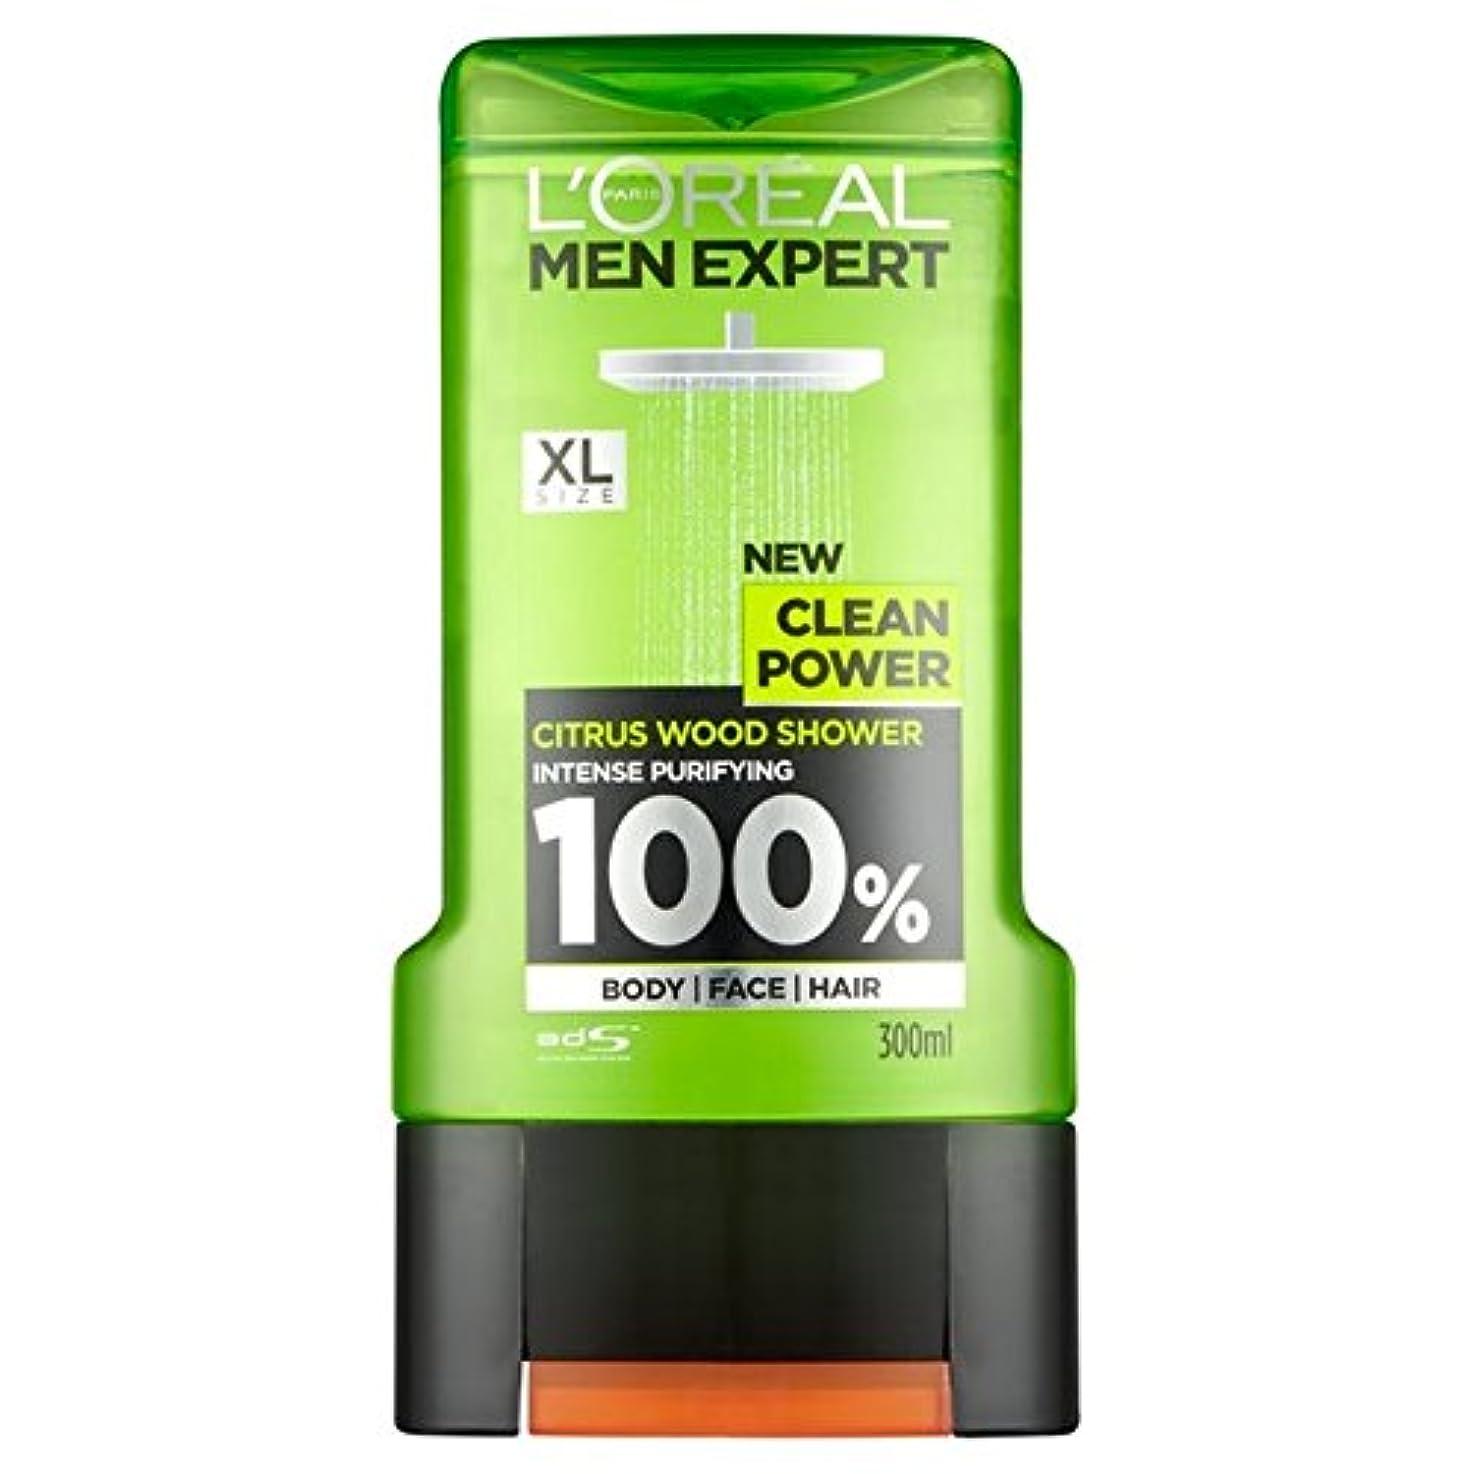 被害者平行アイドルロレアルパリの男性の専門家クリーンパワーシャワージェル300ミリリットル x2 - L'Oreal Paris Men Expert Clean Power Shower Gel 300ml (Pack of 2) [並行輸入品]